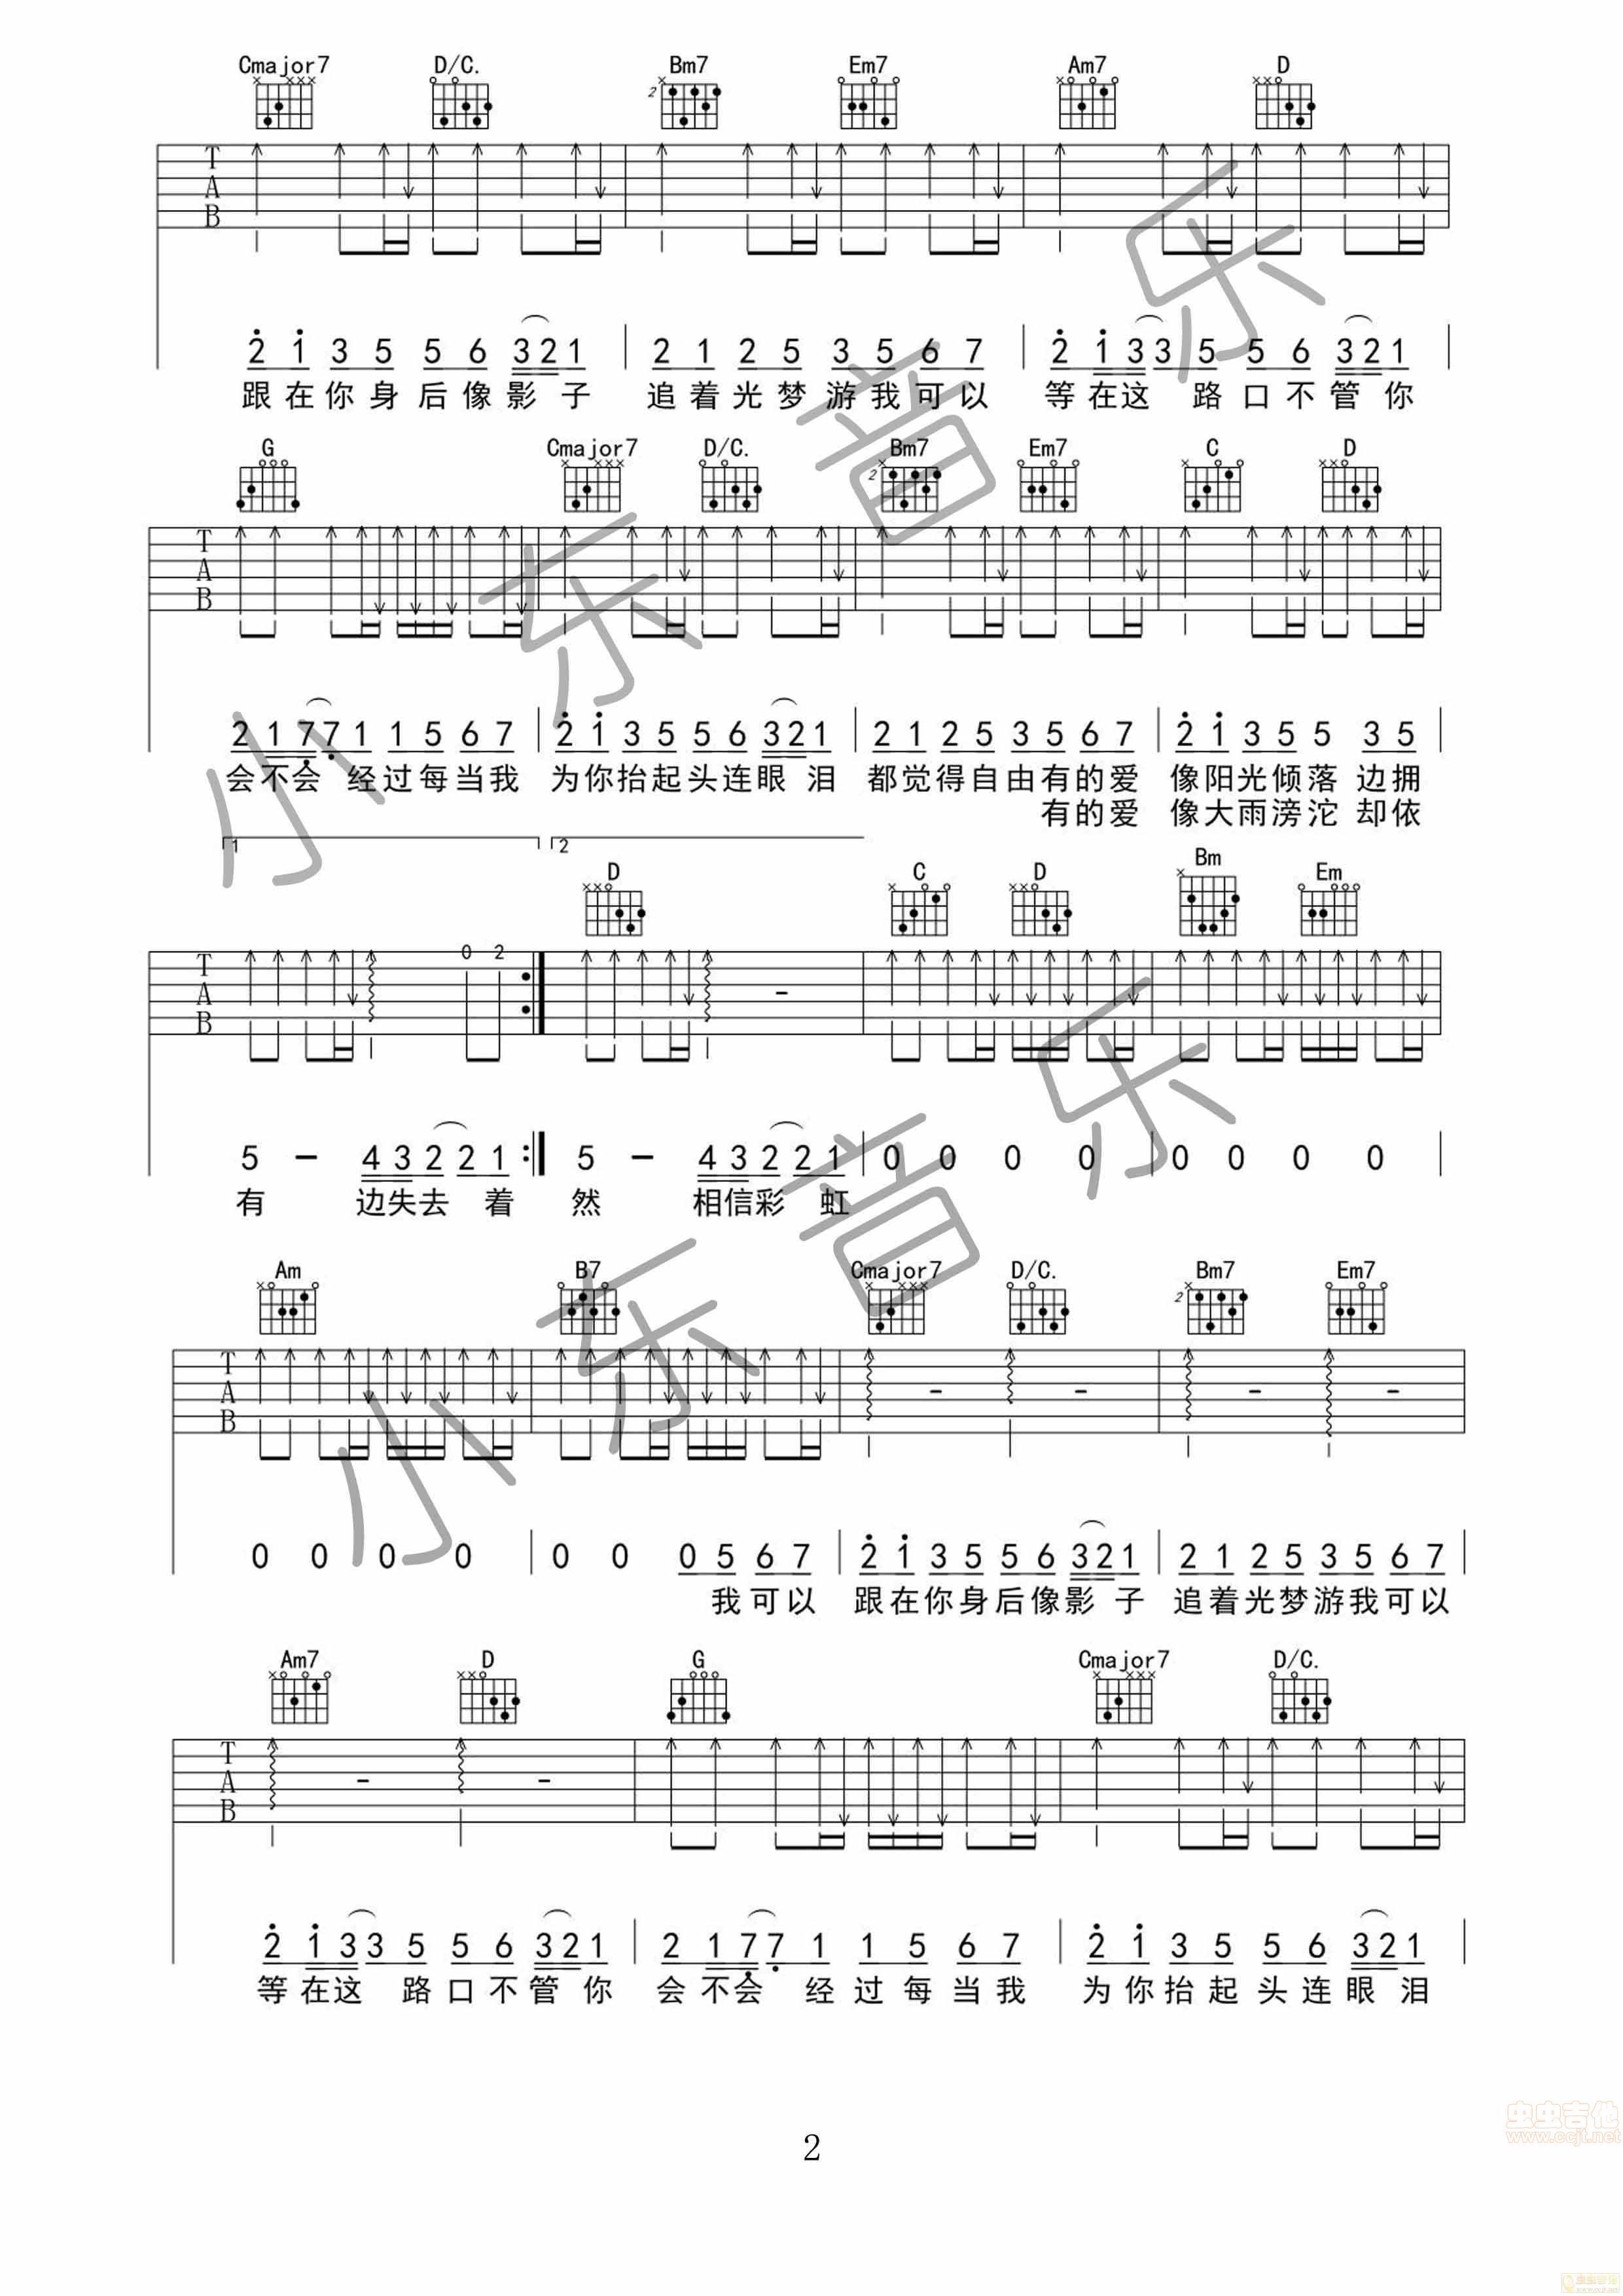 花鼓戏神调驾云曲谱-追光者 小东音乐原版G调六线吉他谱 虫虫吉他谱免费下载